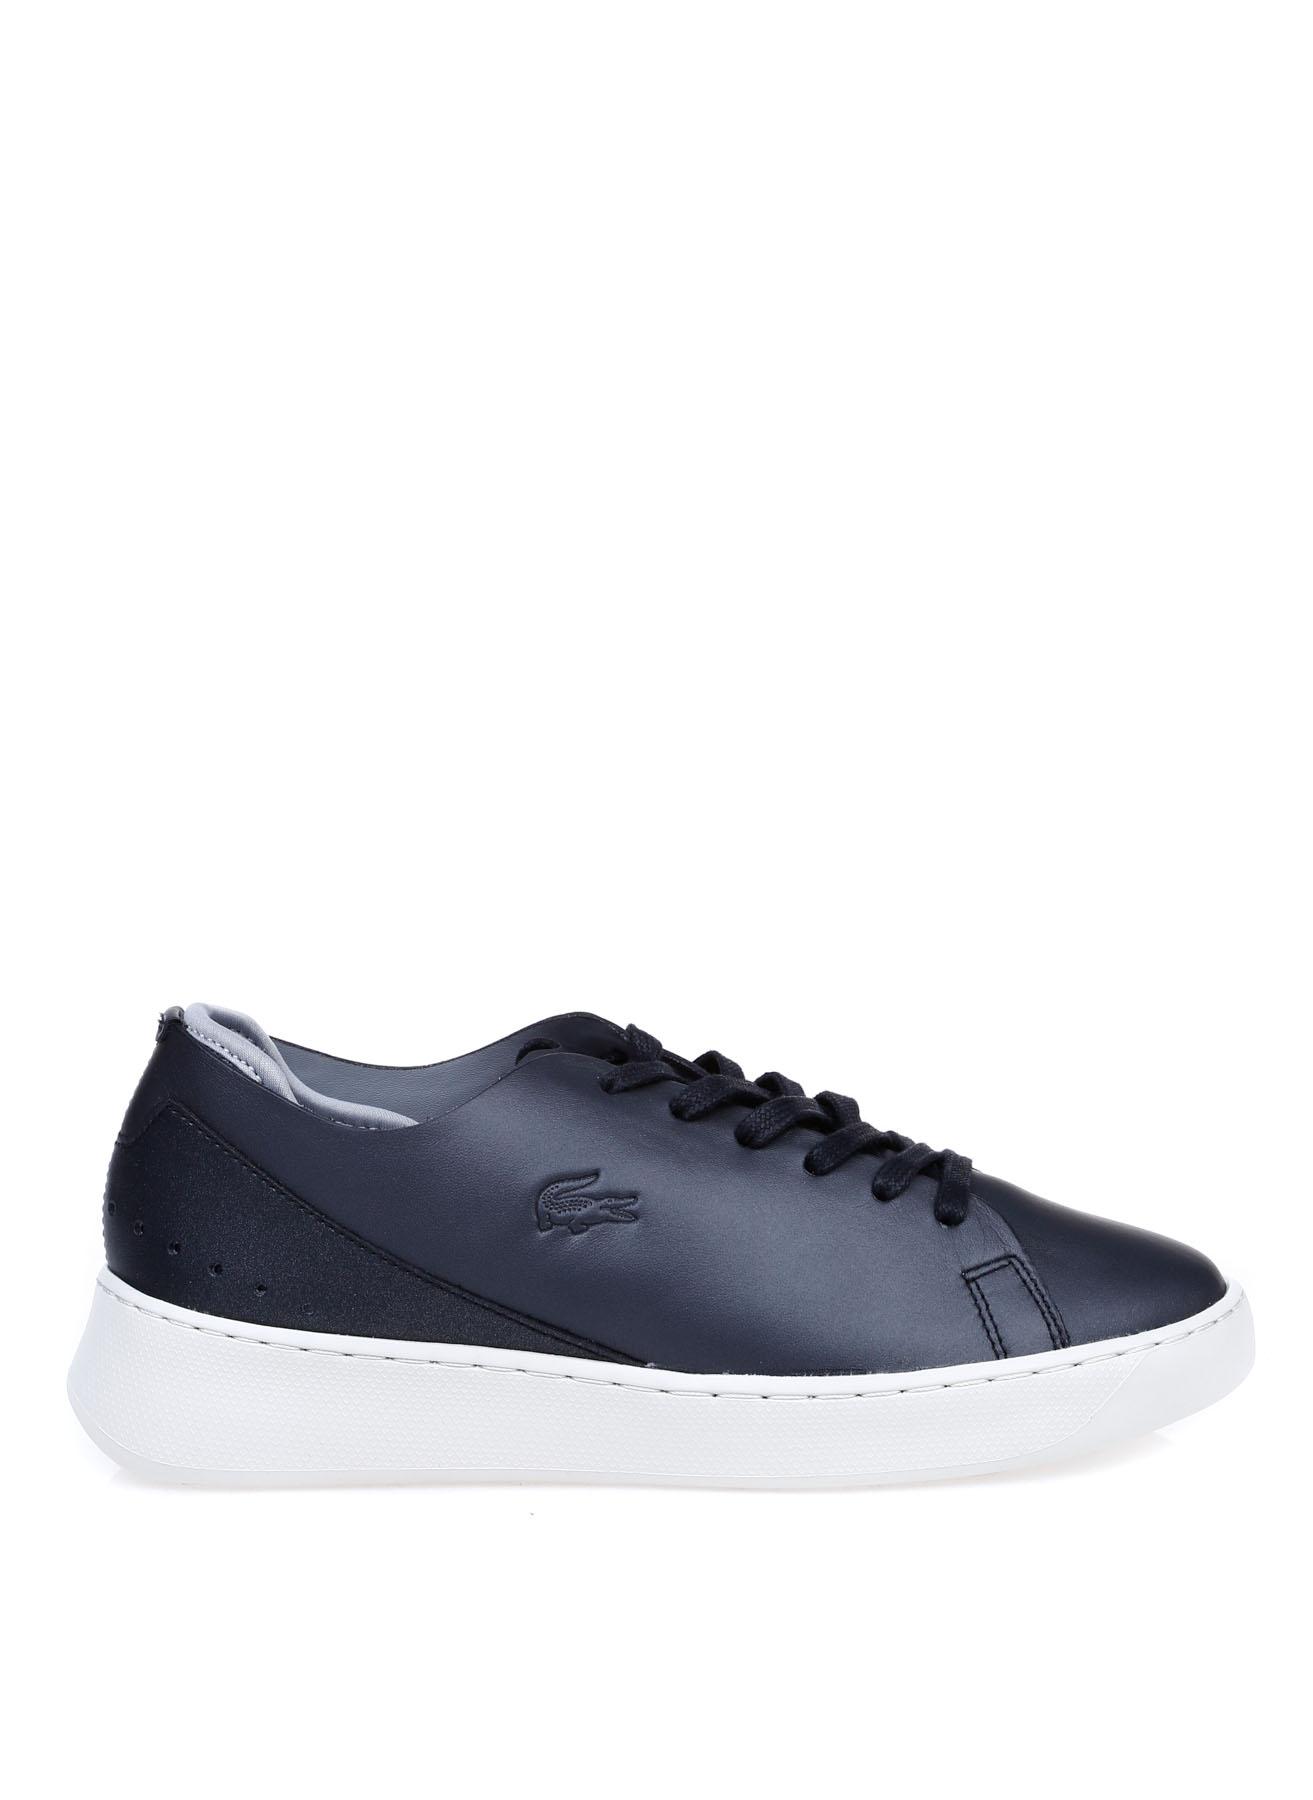 Lacoste Kadın Deri Siyah Sneaker 37 5002312541002 Ürün Resmi